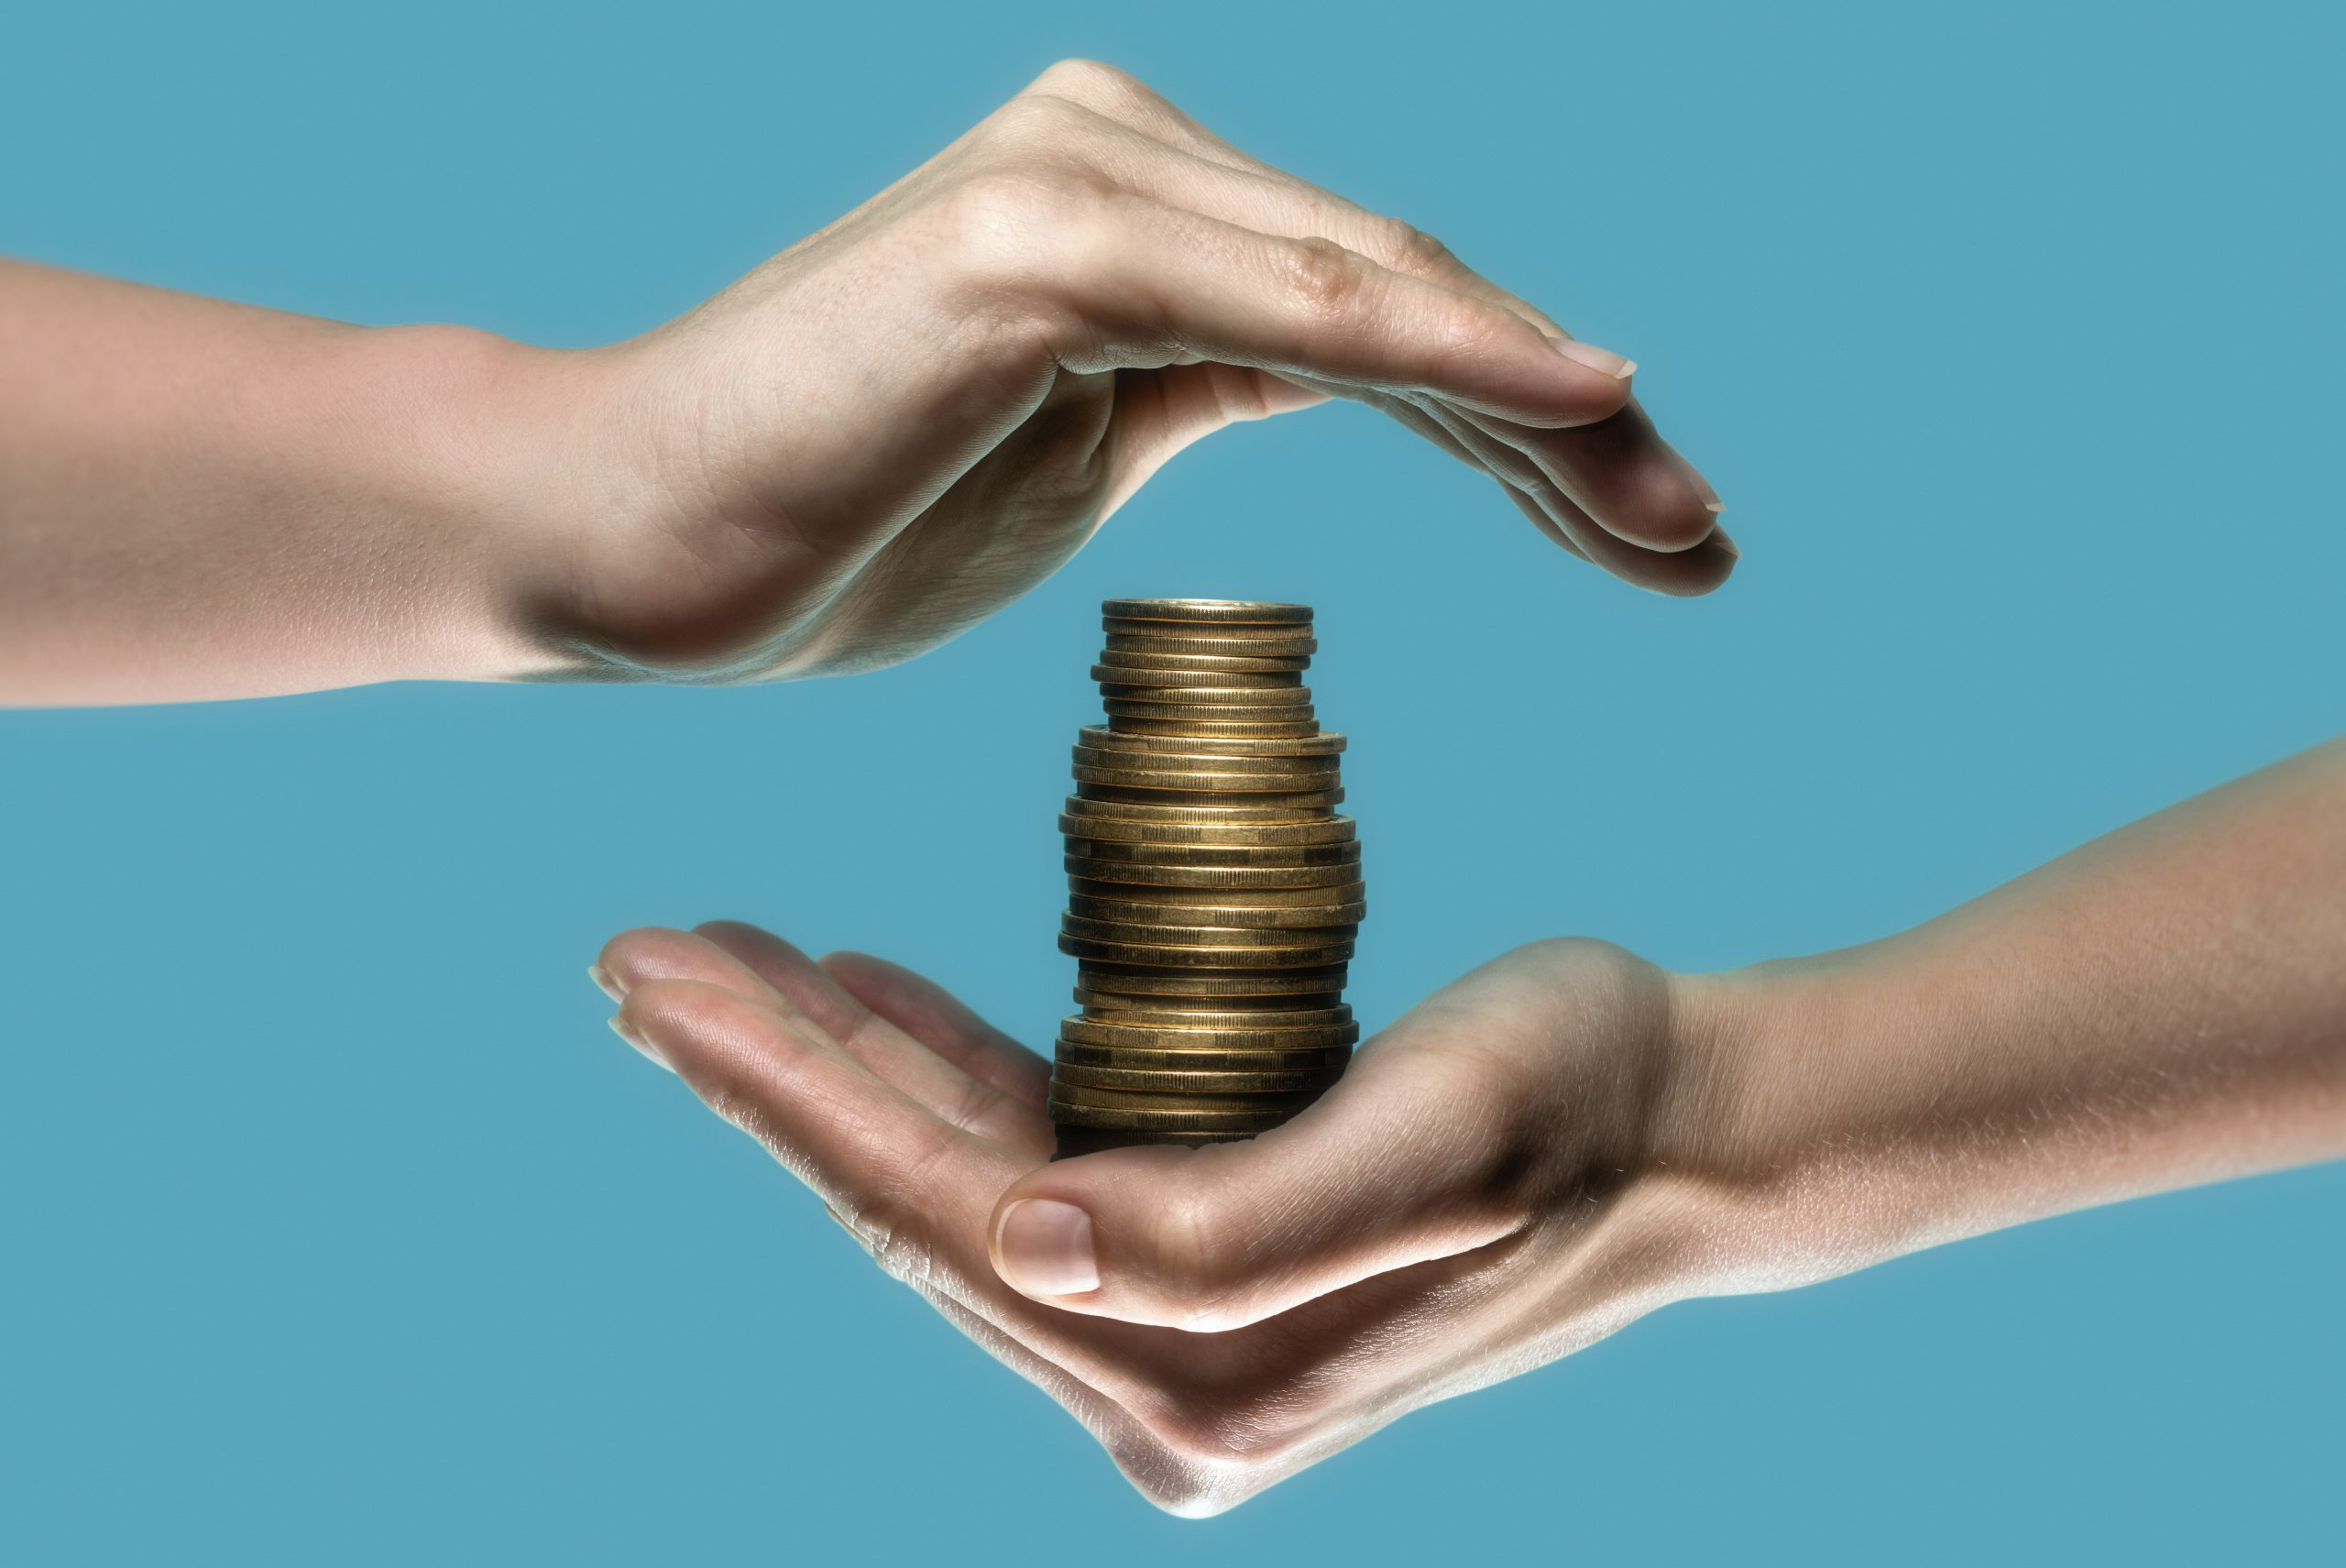 Jak oszczędzać jeszcze skuteczniej z kontem oszczędnościowym? Sprawdzone rady ekspertów